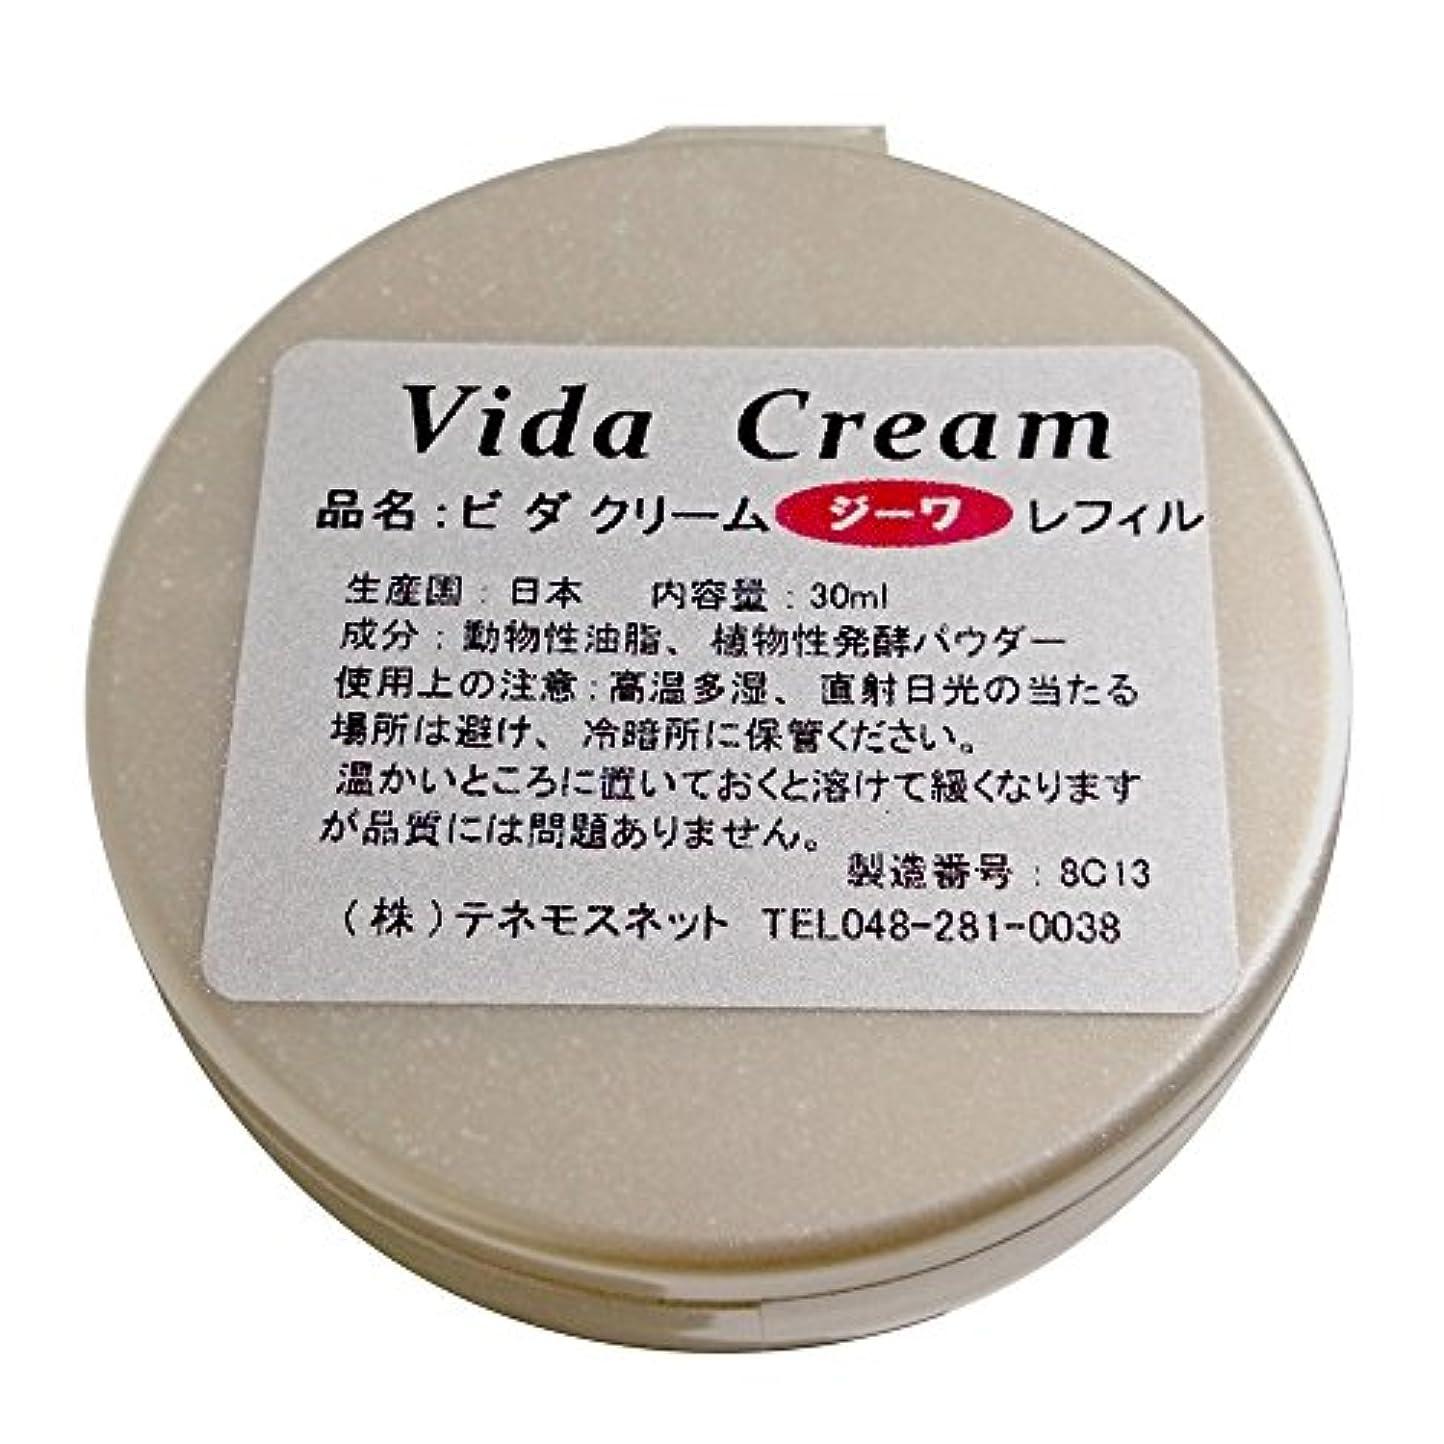 ニュージーランド十代の若者たち壮大なテネモス ビダクリーム Vida Cream ジーワ レフィル 付替用 30ml